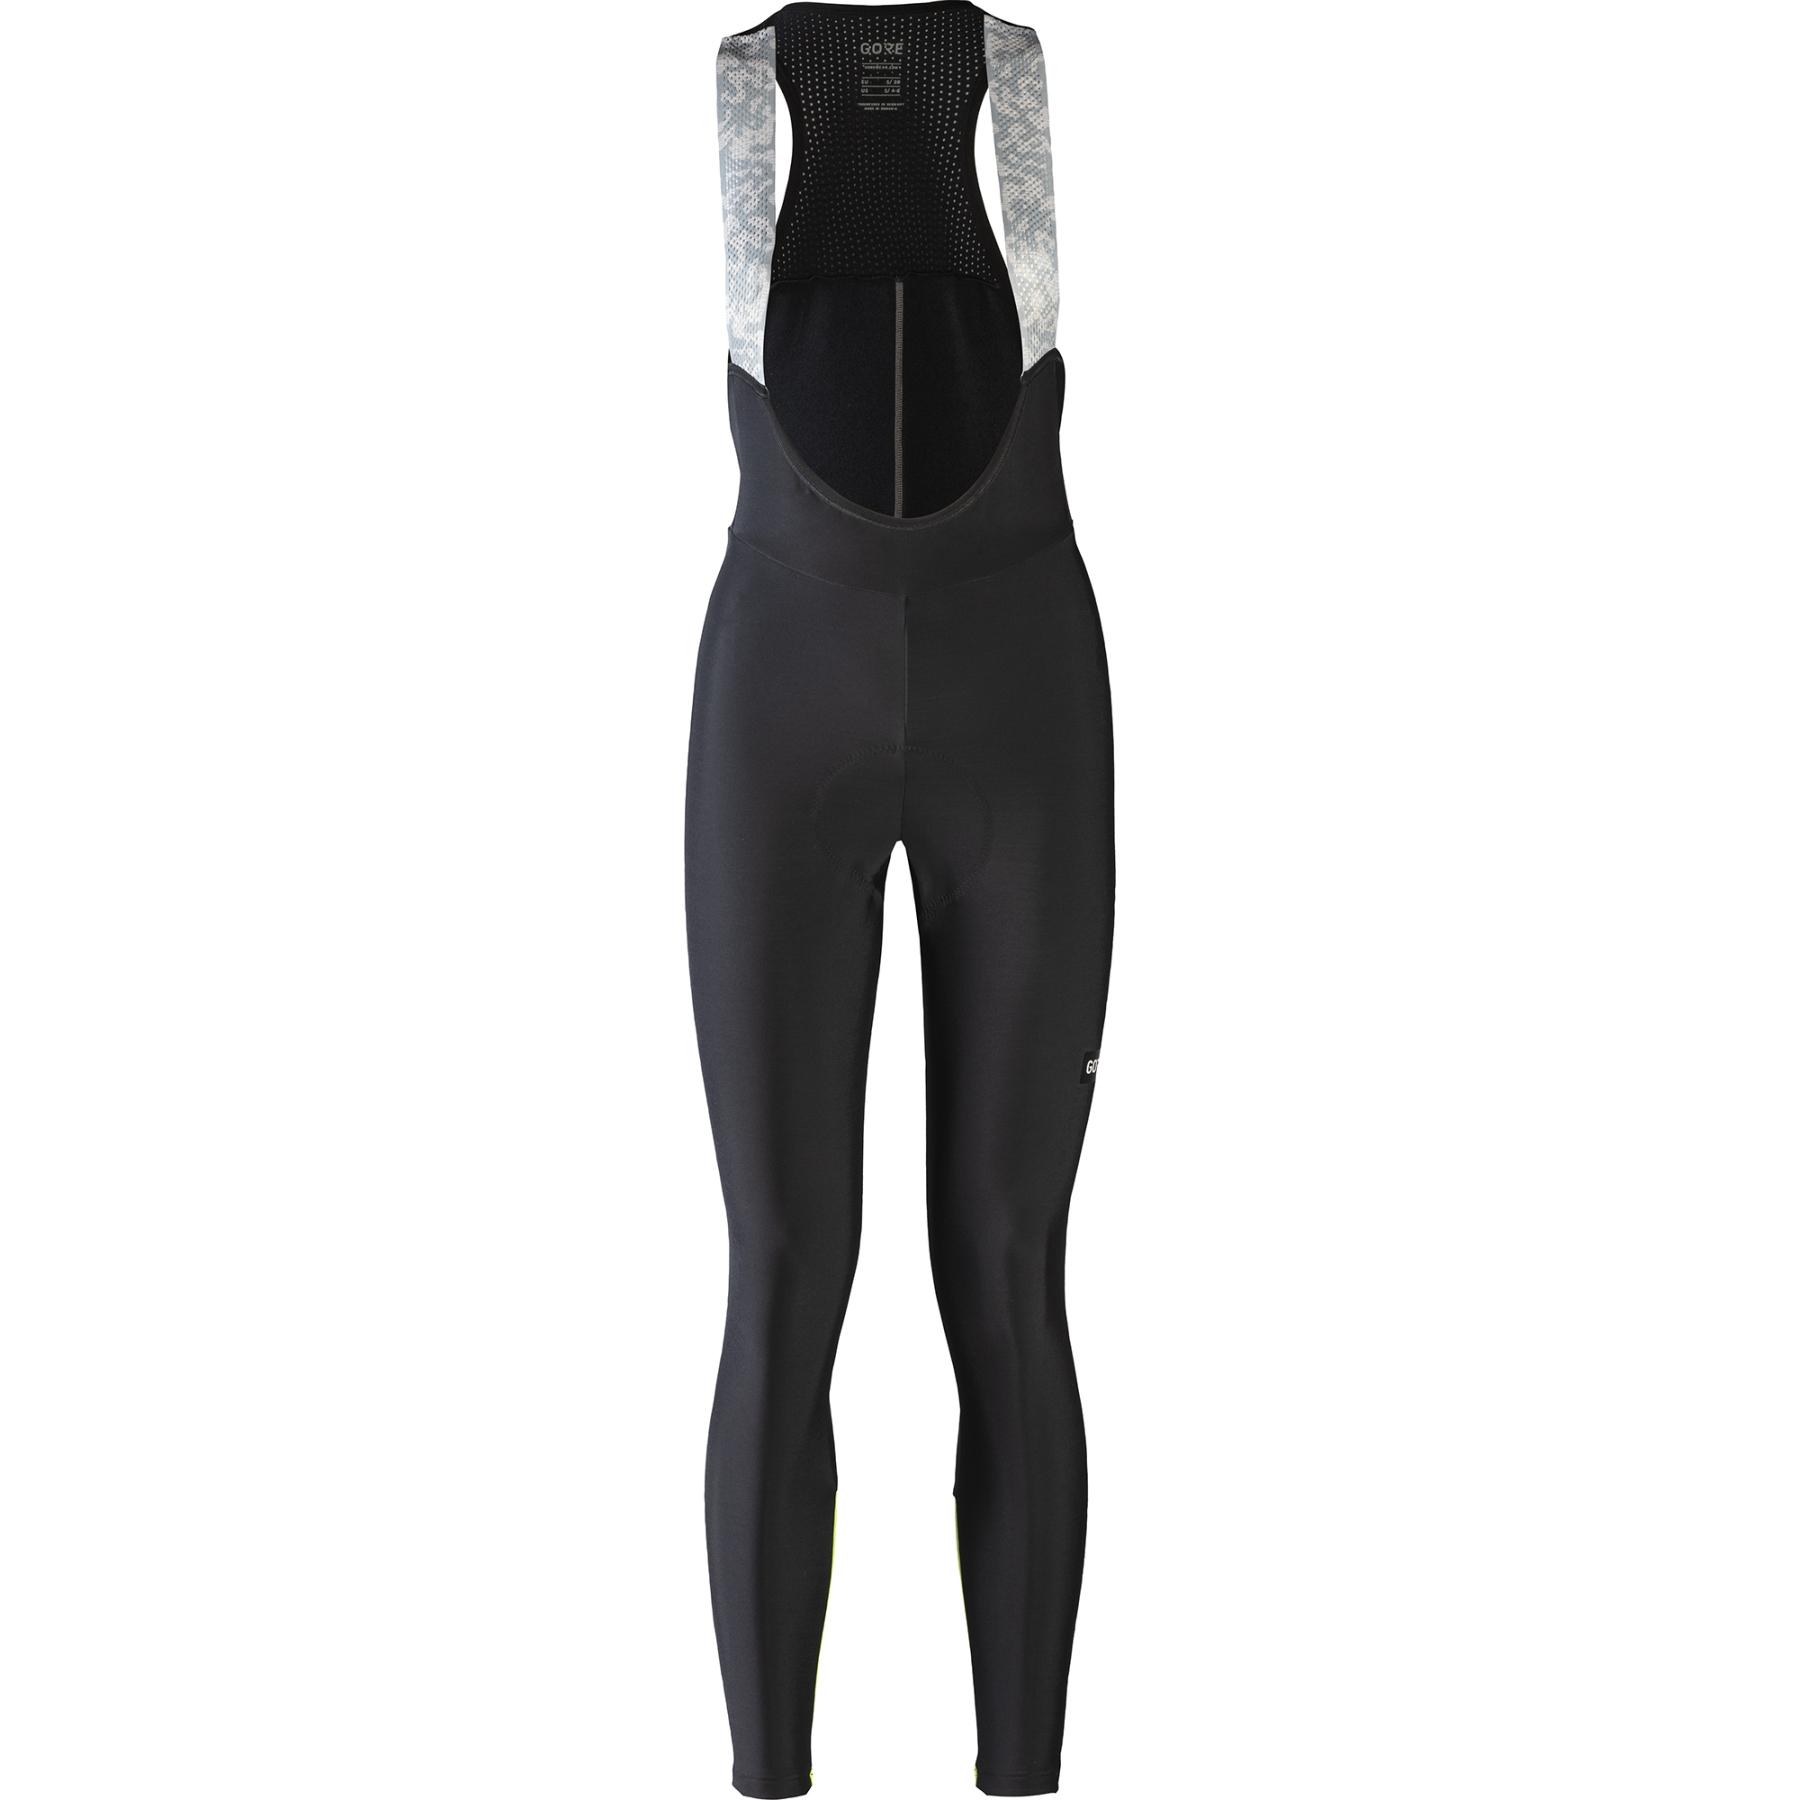 Foto de GORE Wear Progress Thermo Culotte con Tirantes Mujer - negro 9900